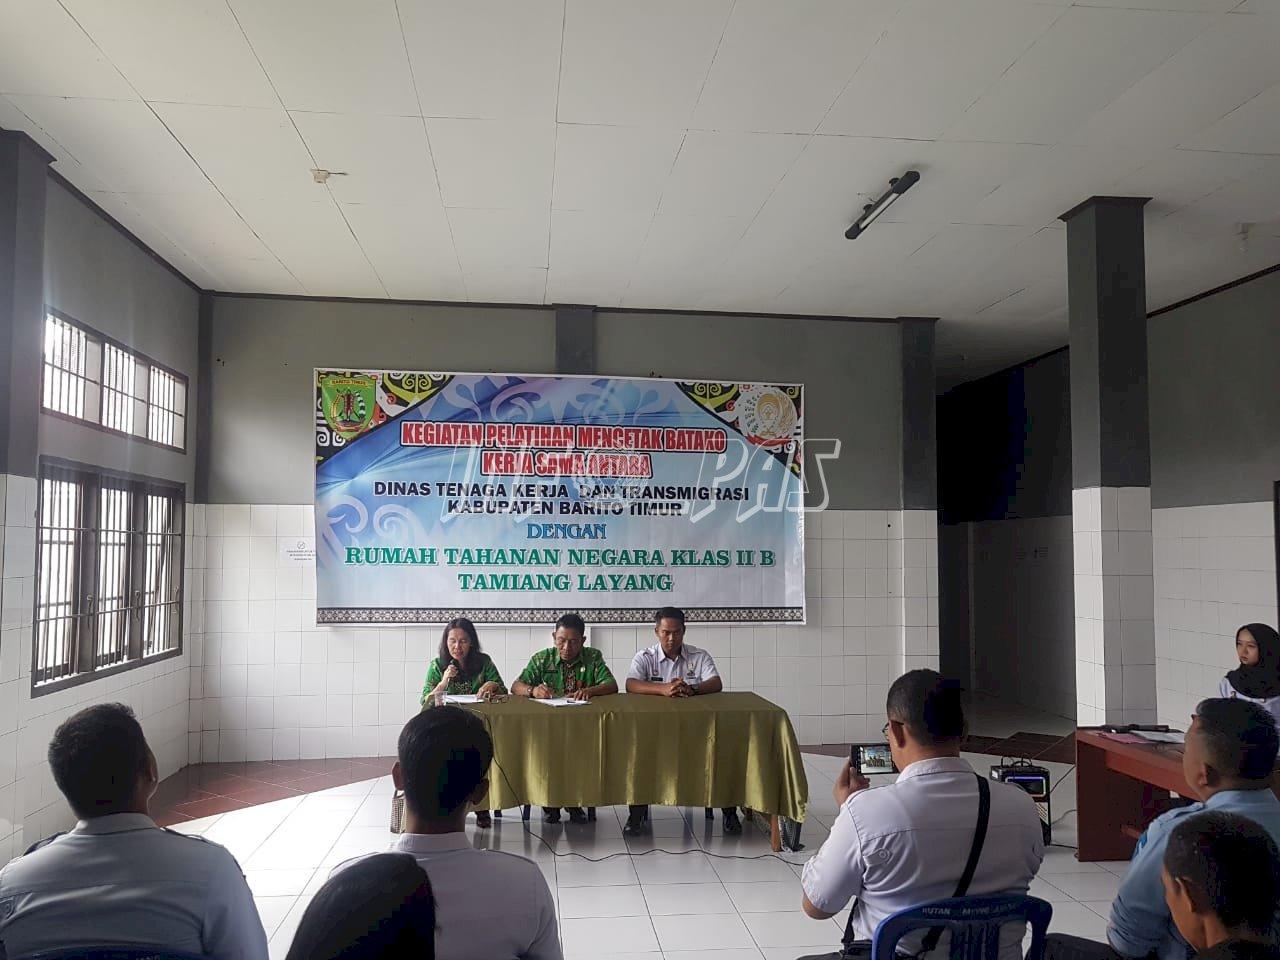 Rutan Tamiang Layang Bekali WBP Dengan Pelatihan Pembuatan Batako